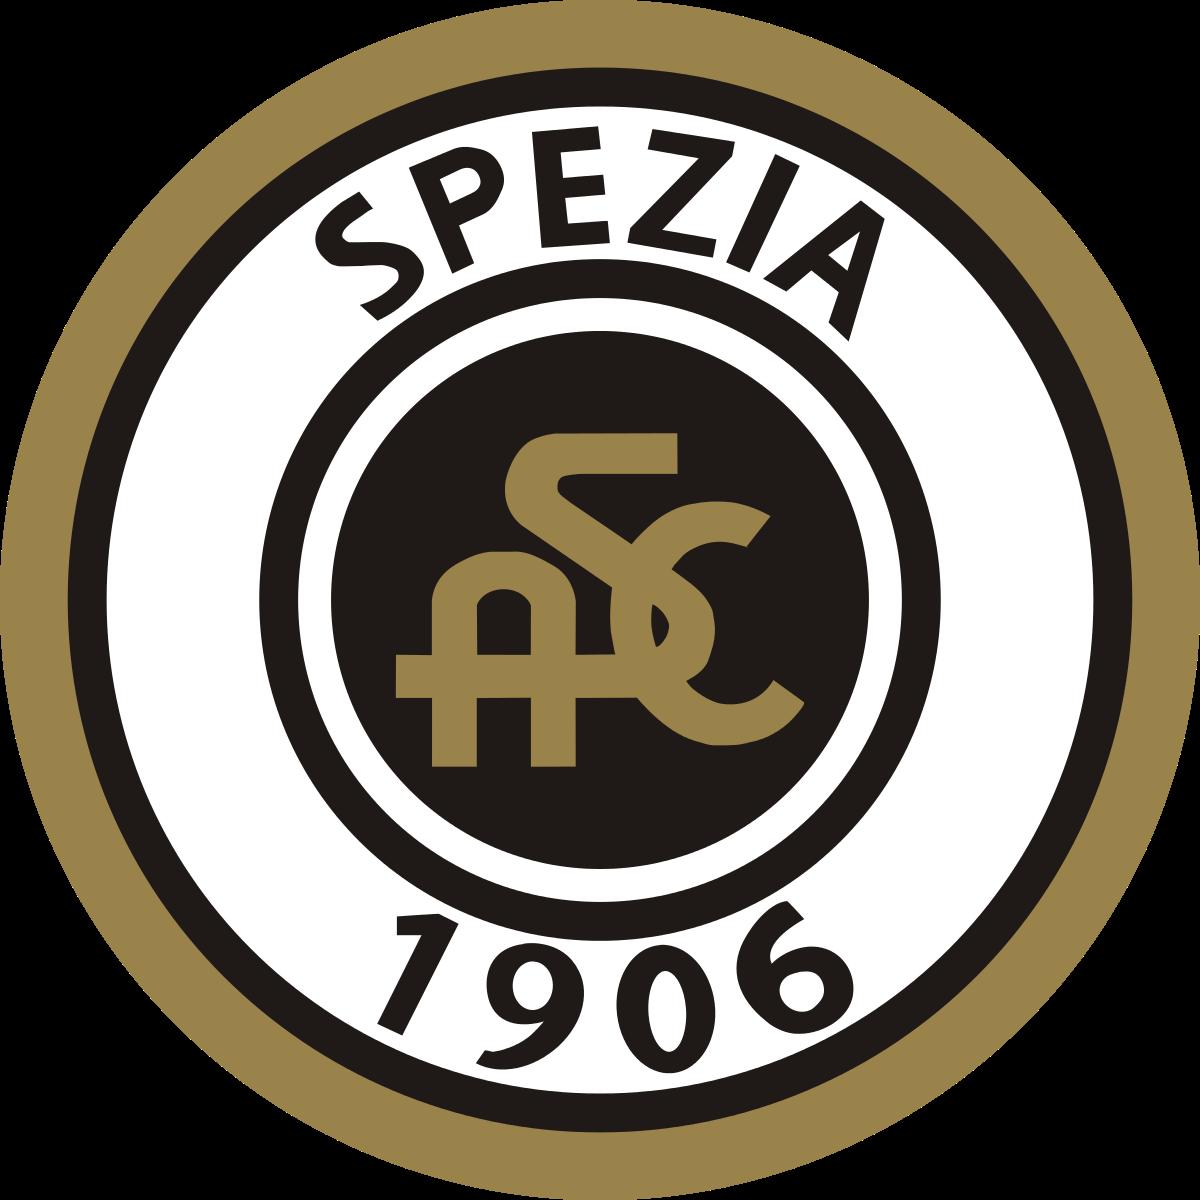 Places Spezia